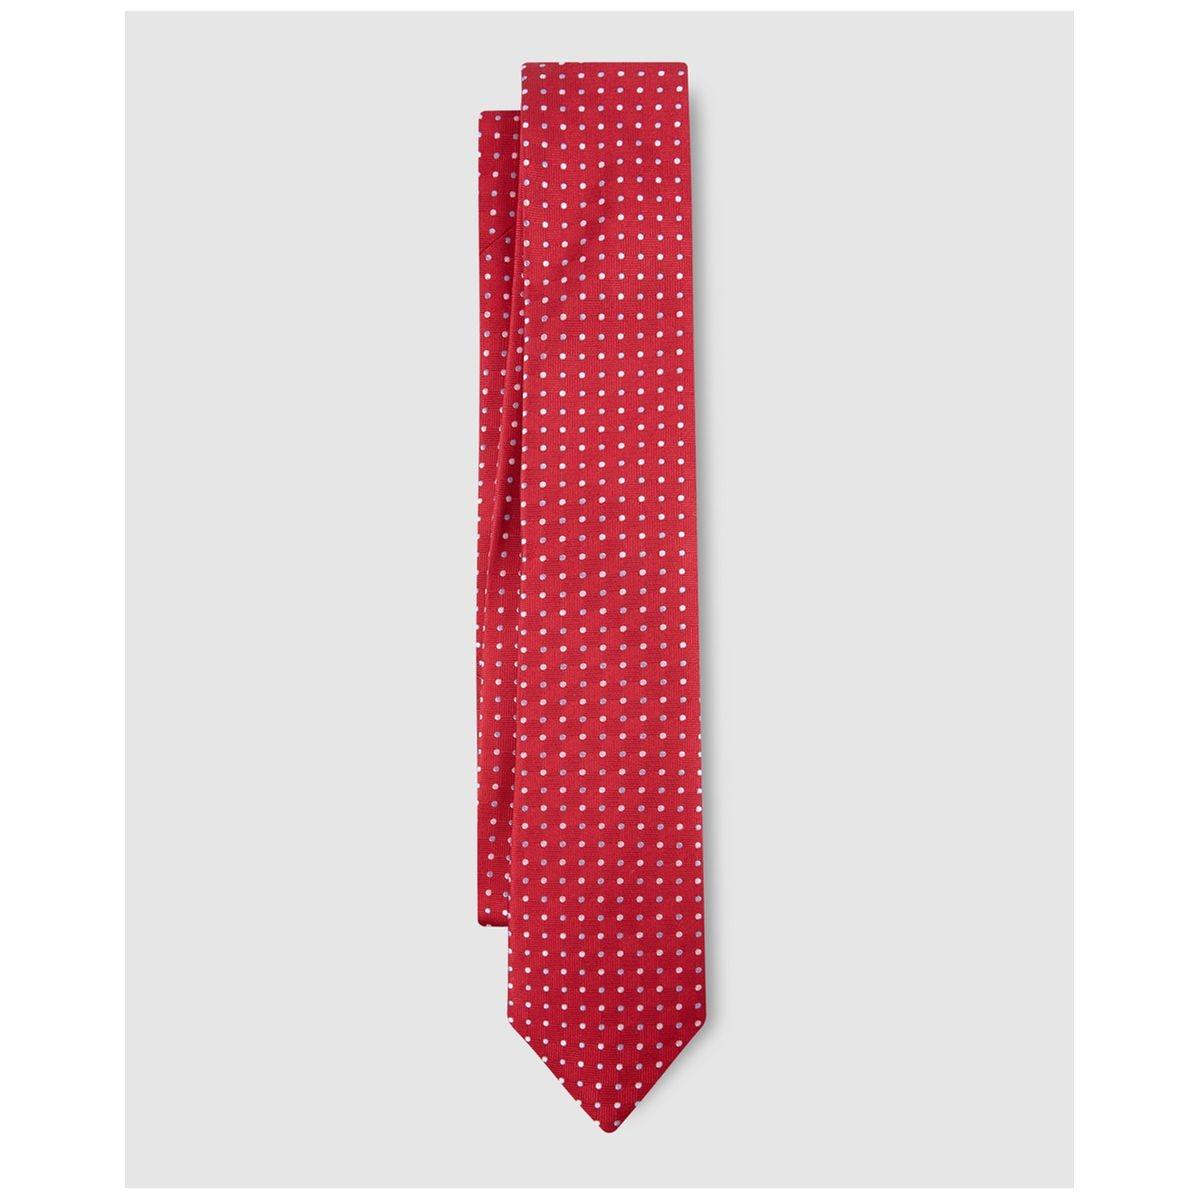 Cravate en soie à motif /